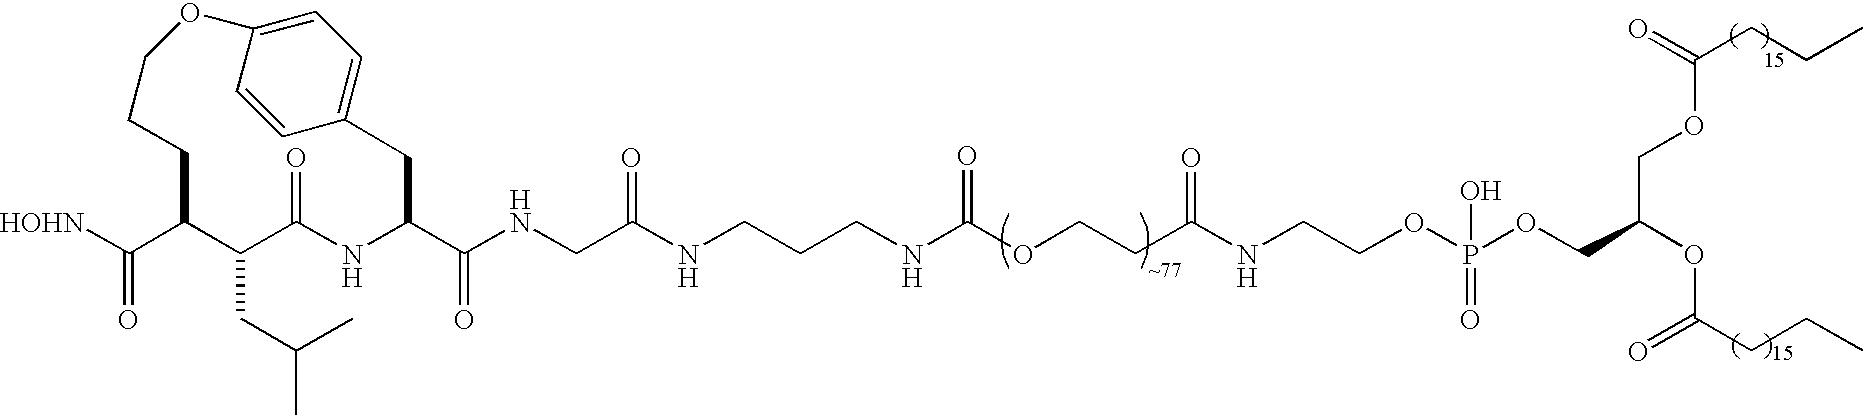 Figure US20030044354A1-20030306-C00004